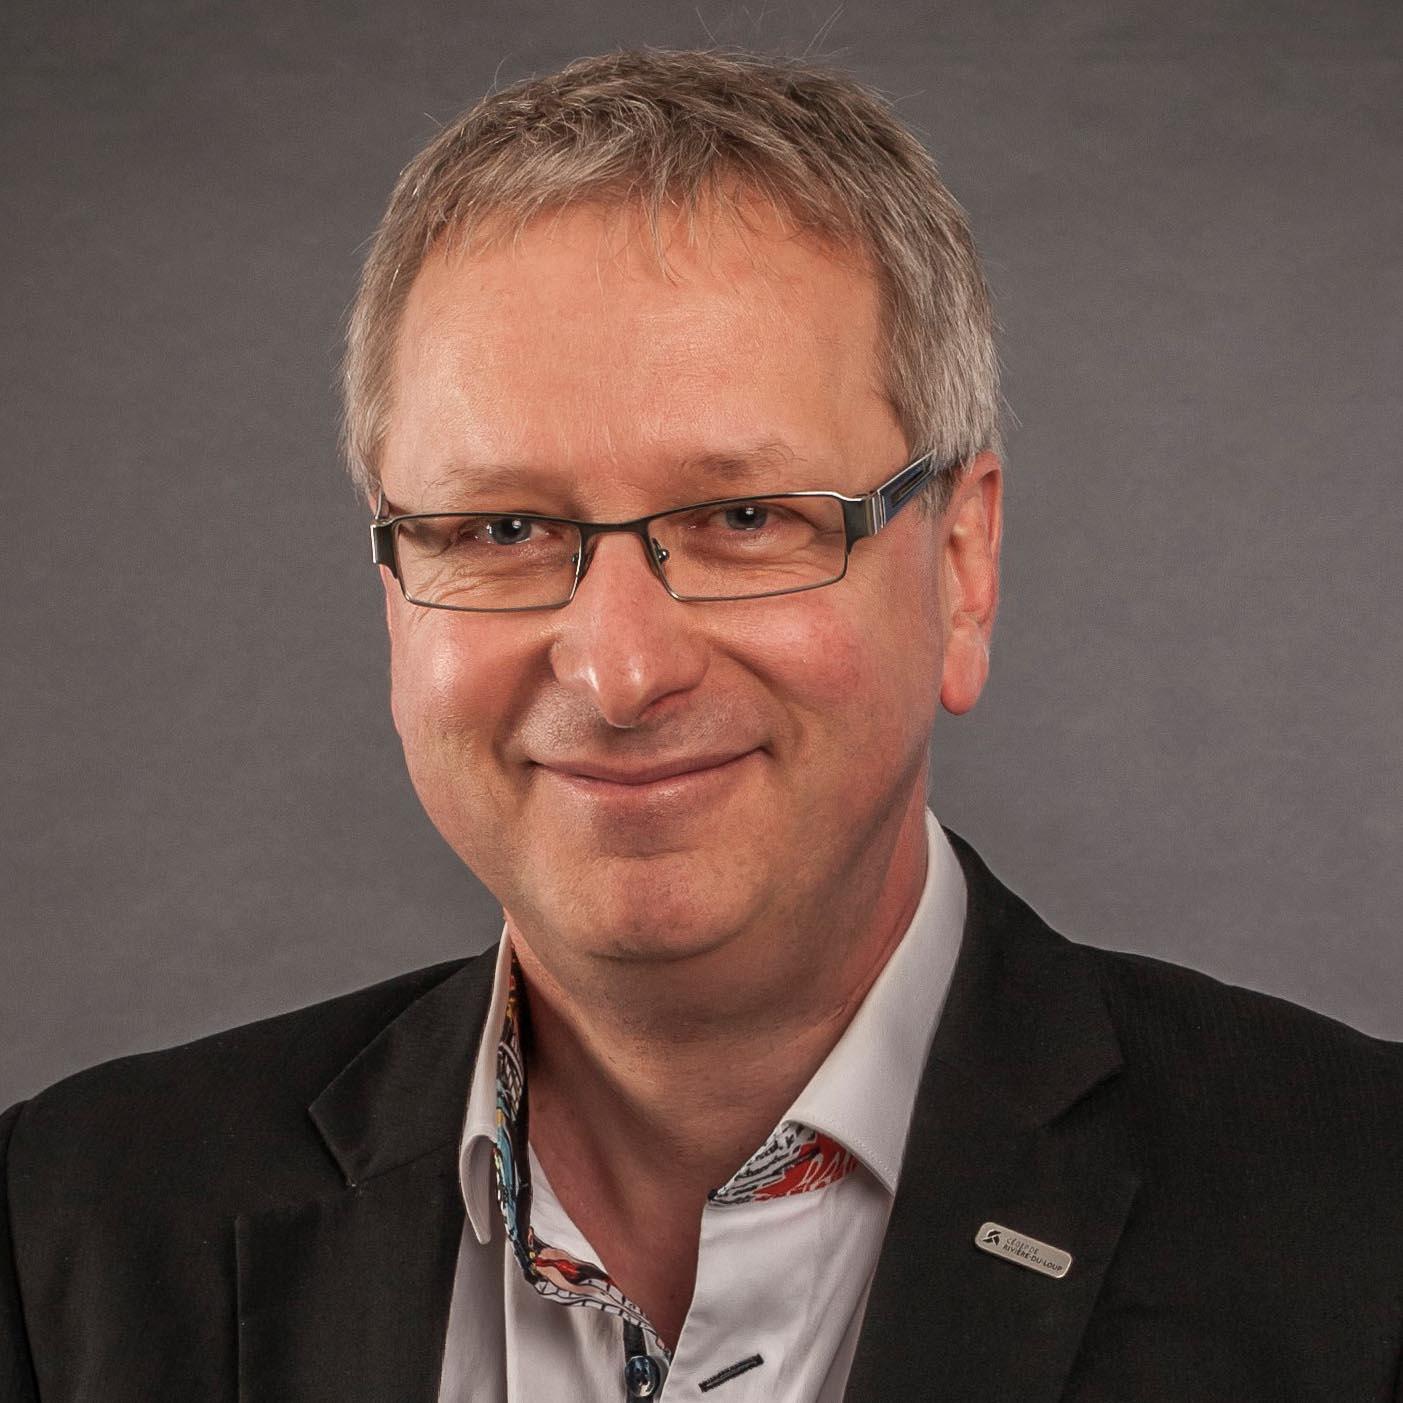 René Gingras